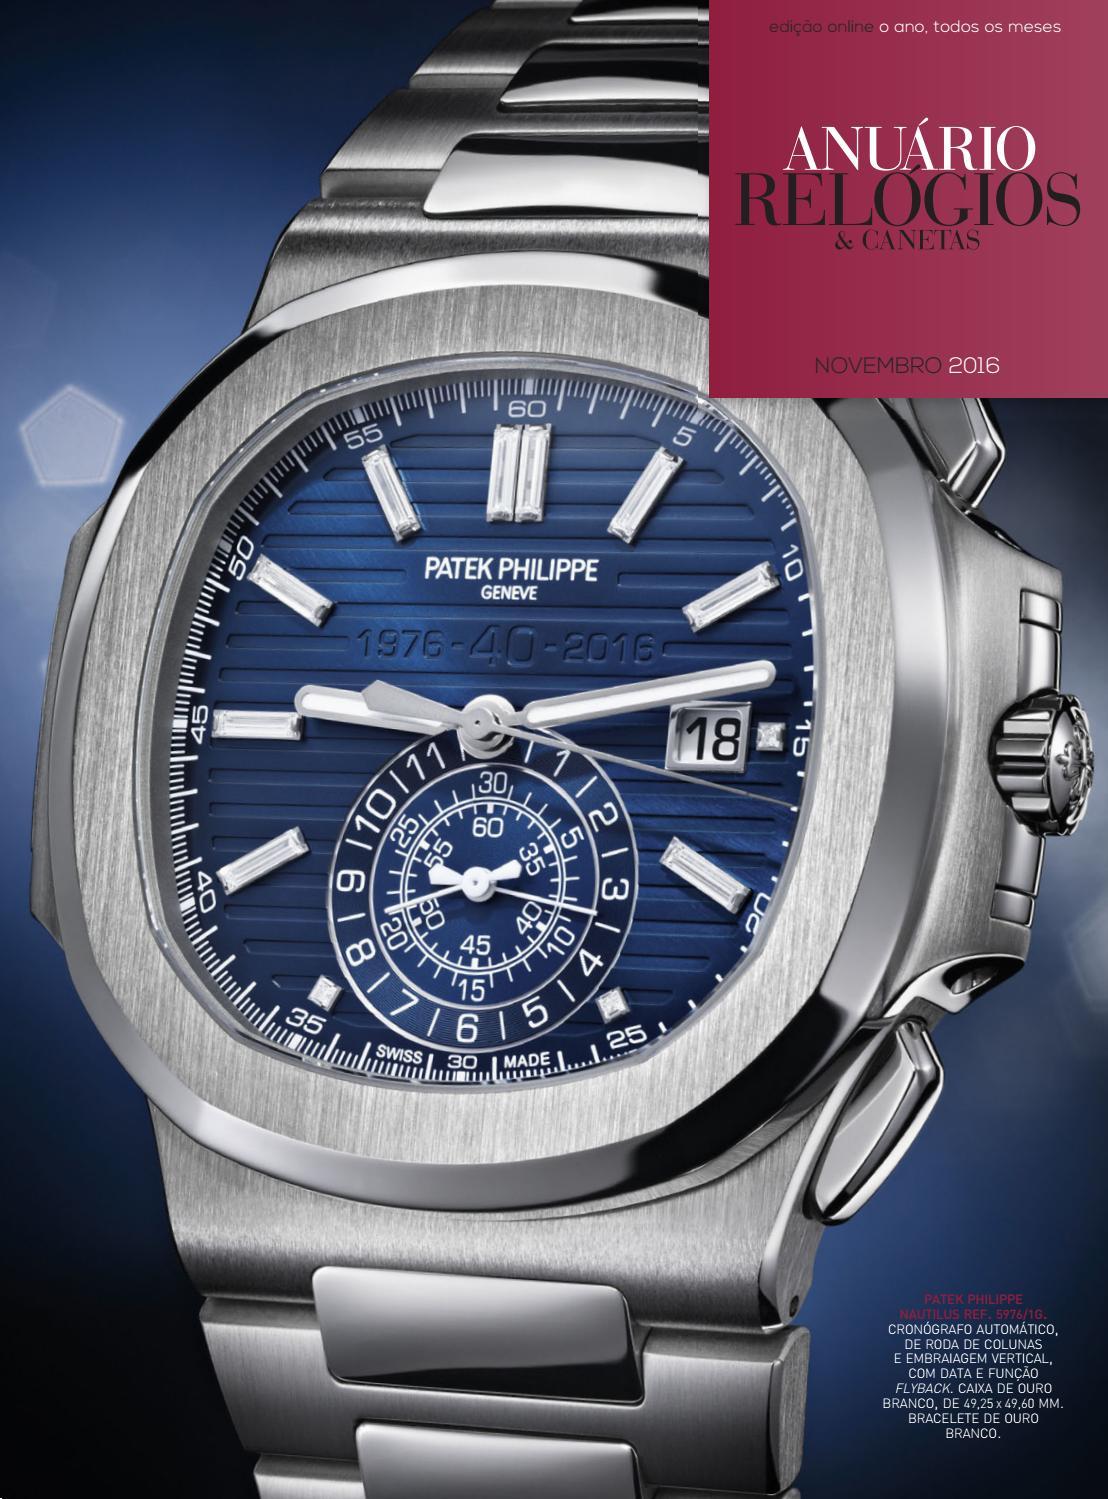 de6efc34142 Anuário Relógios   Canetas - Novembro 2016 by Anuário Relógios   Canetas -  issuu